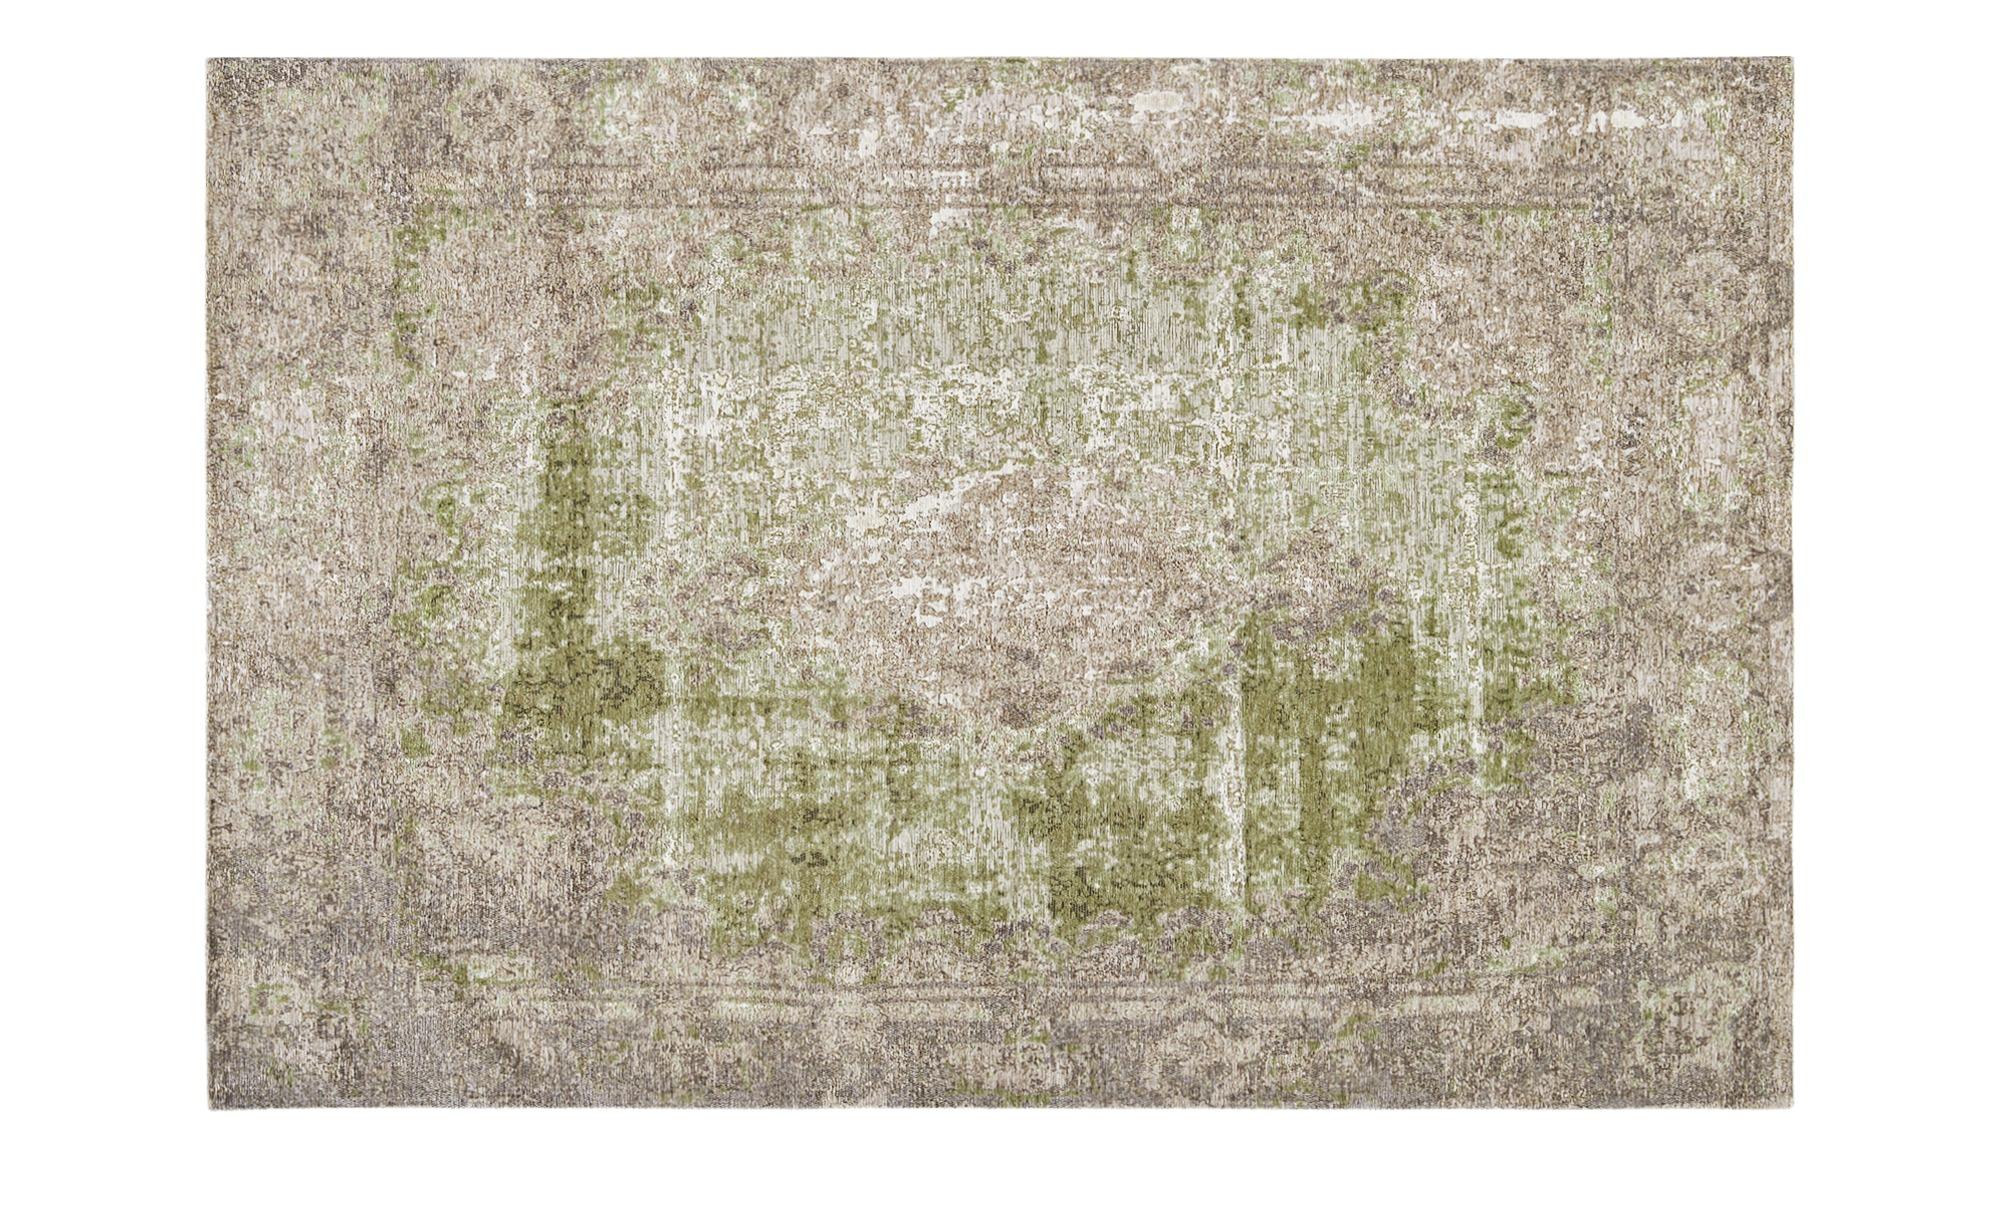 Webteppich  Romance 1200 ¦ grün ¦ 34% Baumwolle, 33% Polyester, 33% Chenille Acryl ¦ Maße (cm): B: 68 Teppiche > Wohnteppiche - Höffner